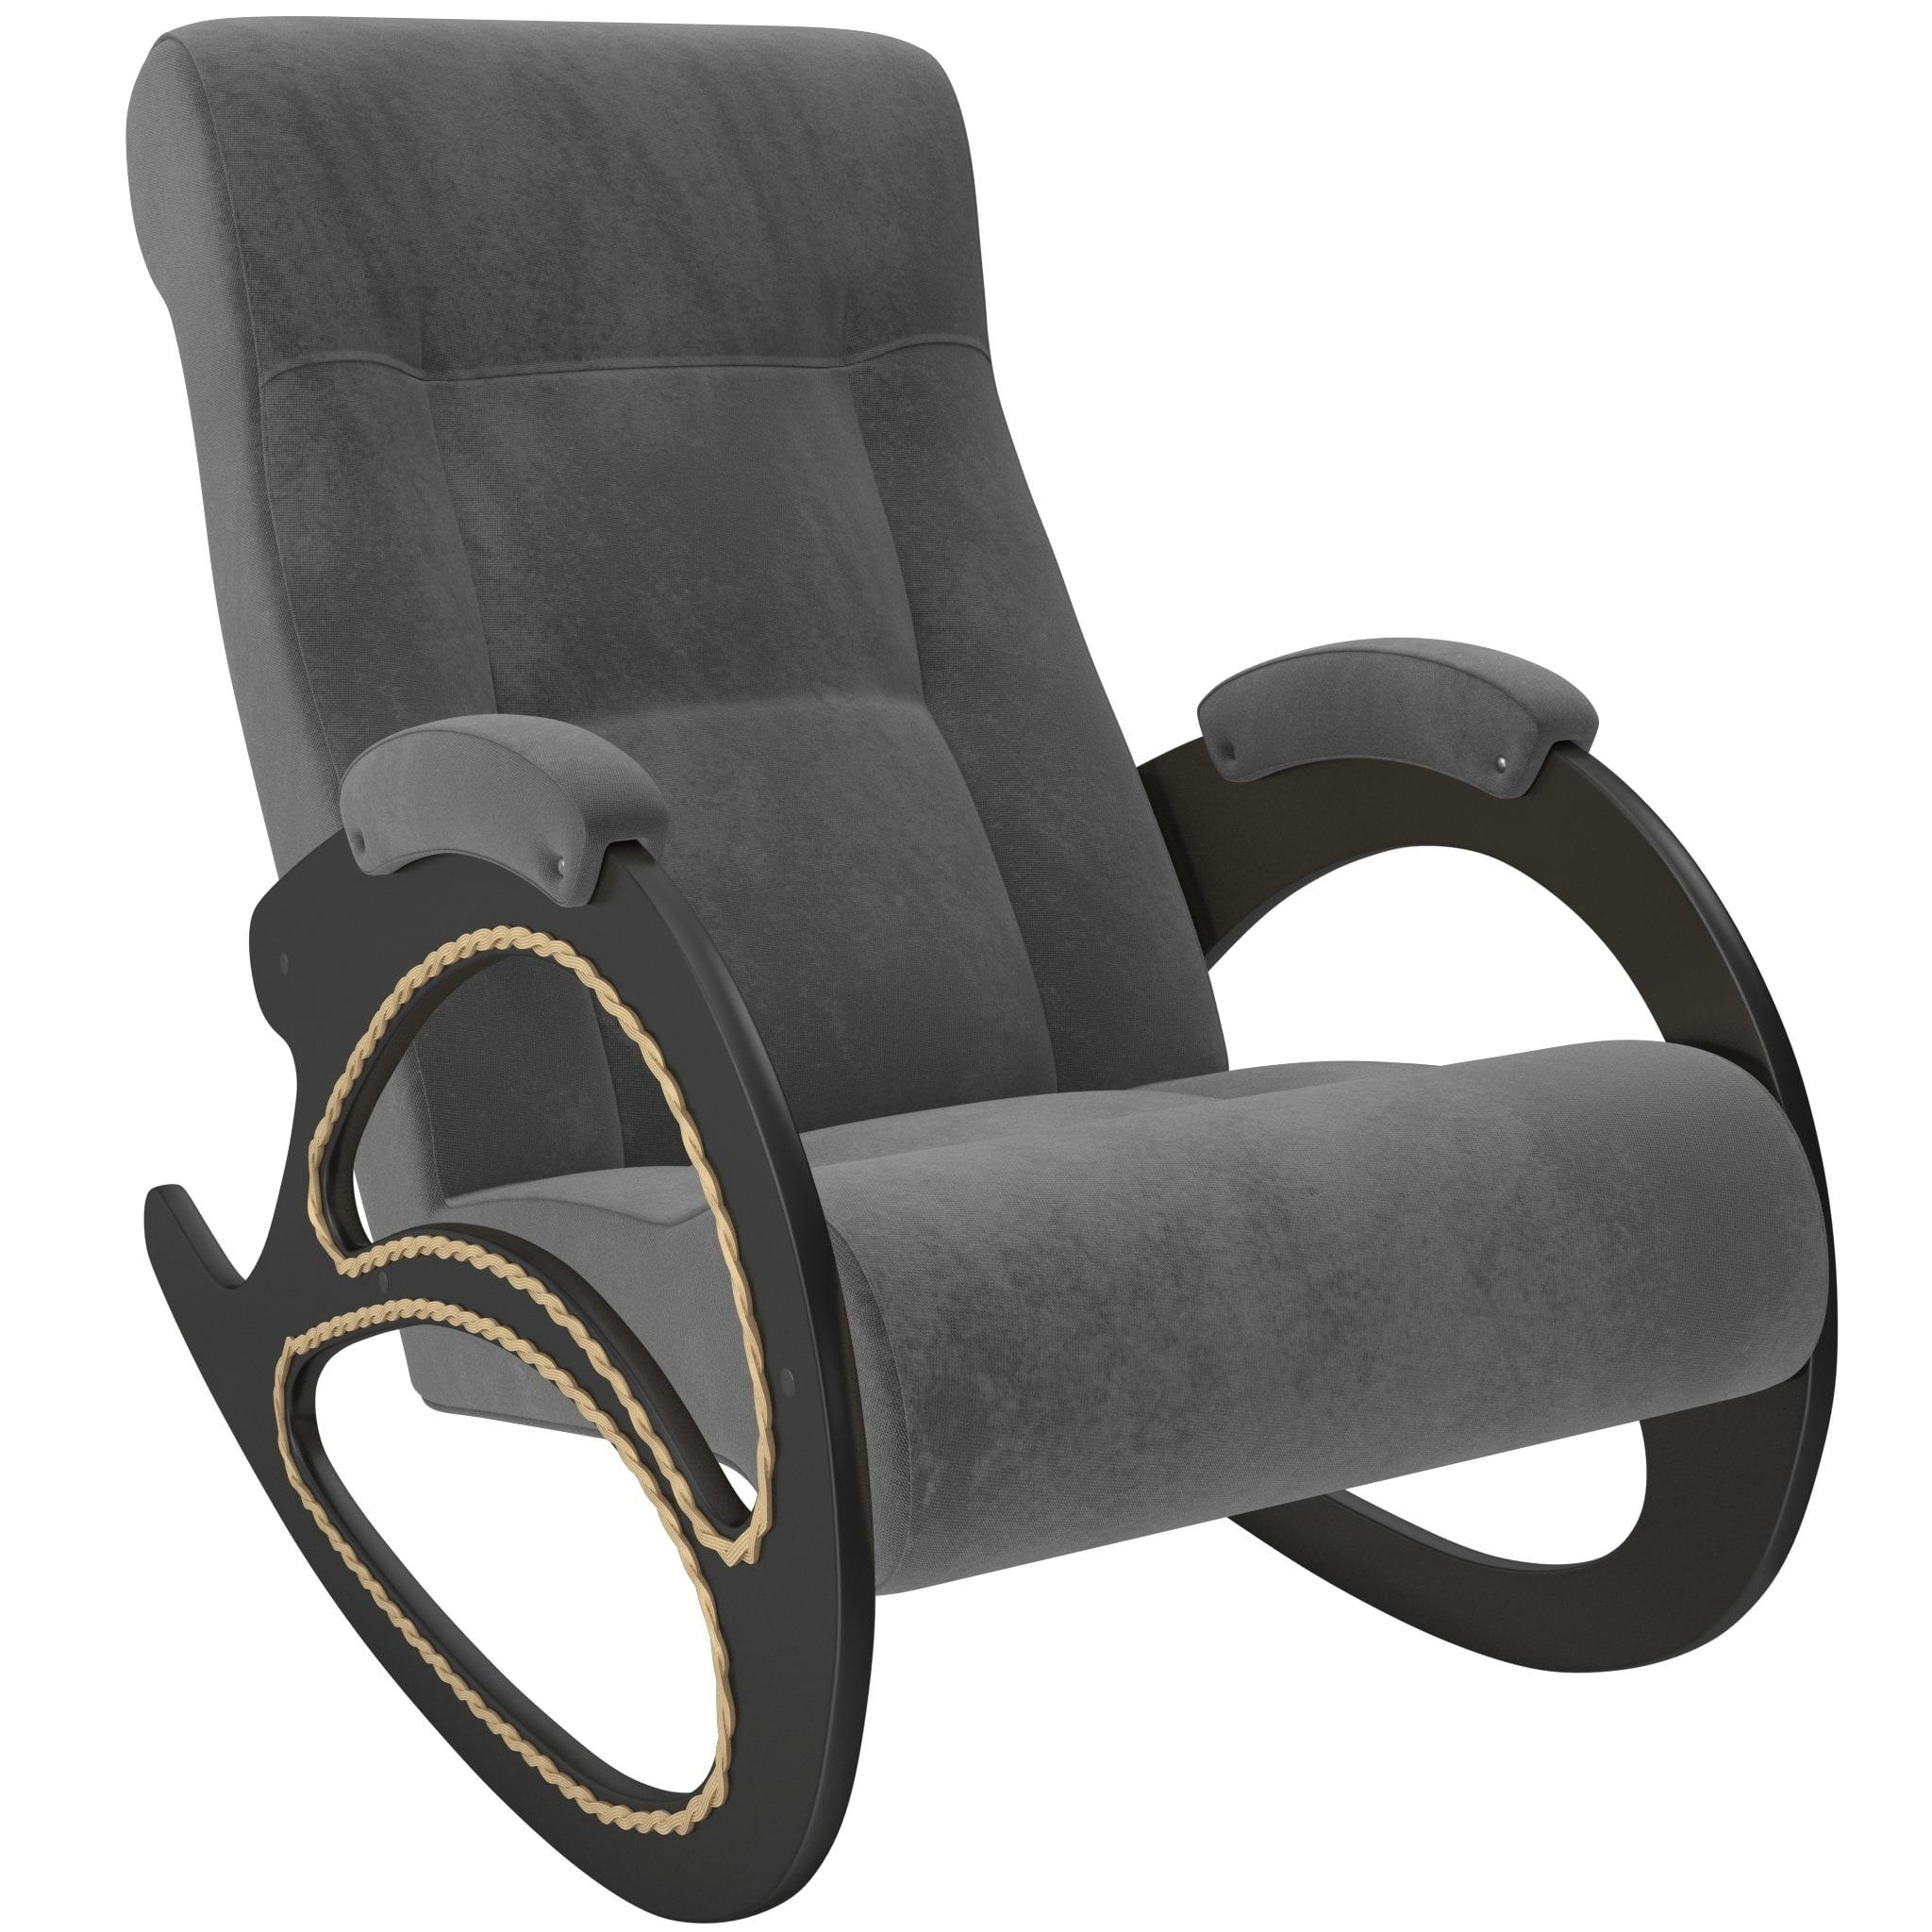 Кресло-качалка модель 4 венге мягкие кресла